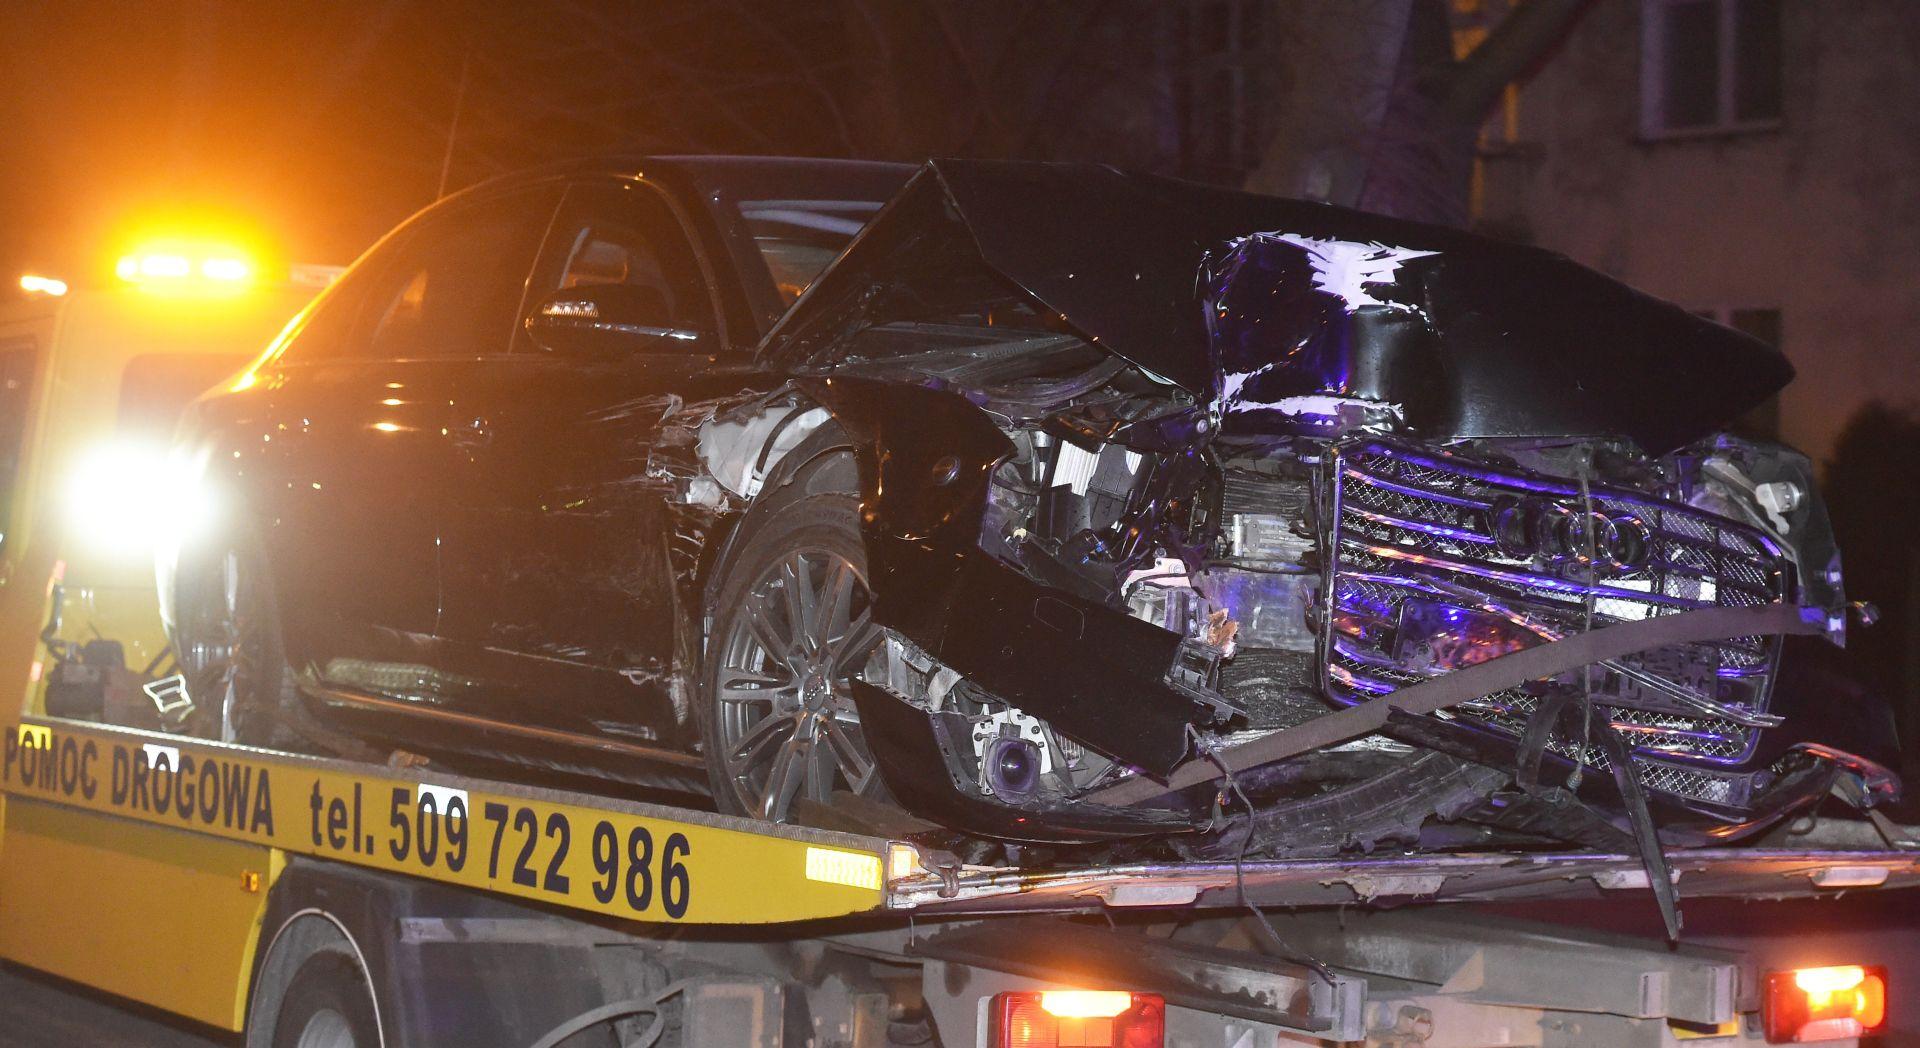 Poljska premijerka hospitalizirana nakon prometne nesreće